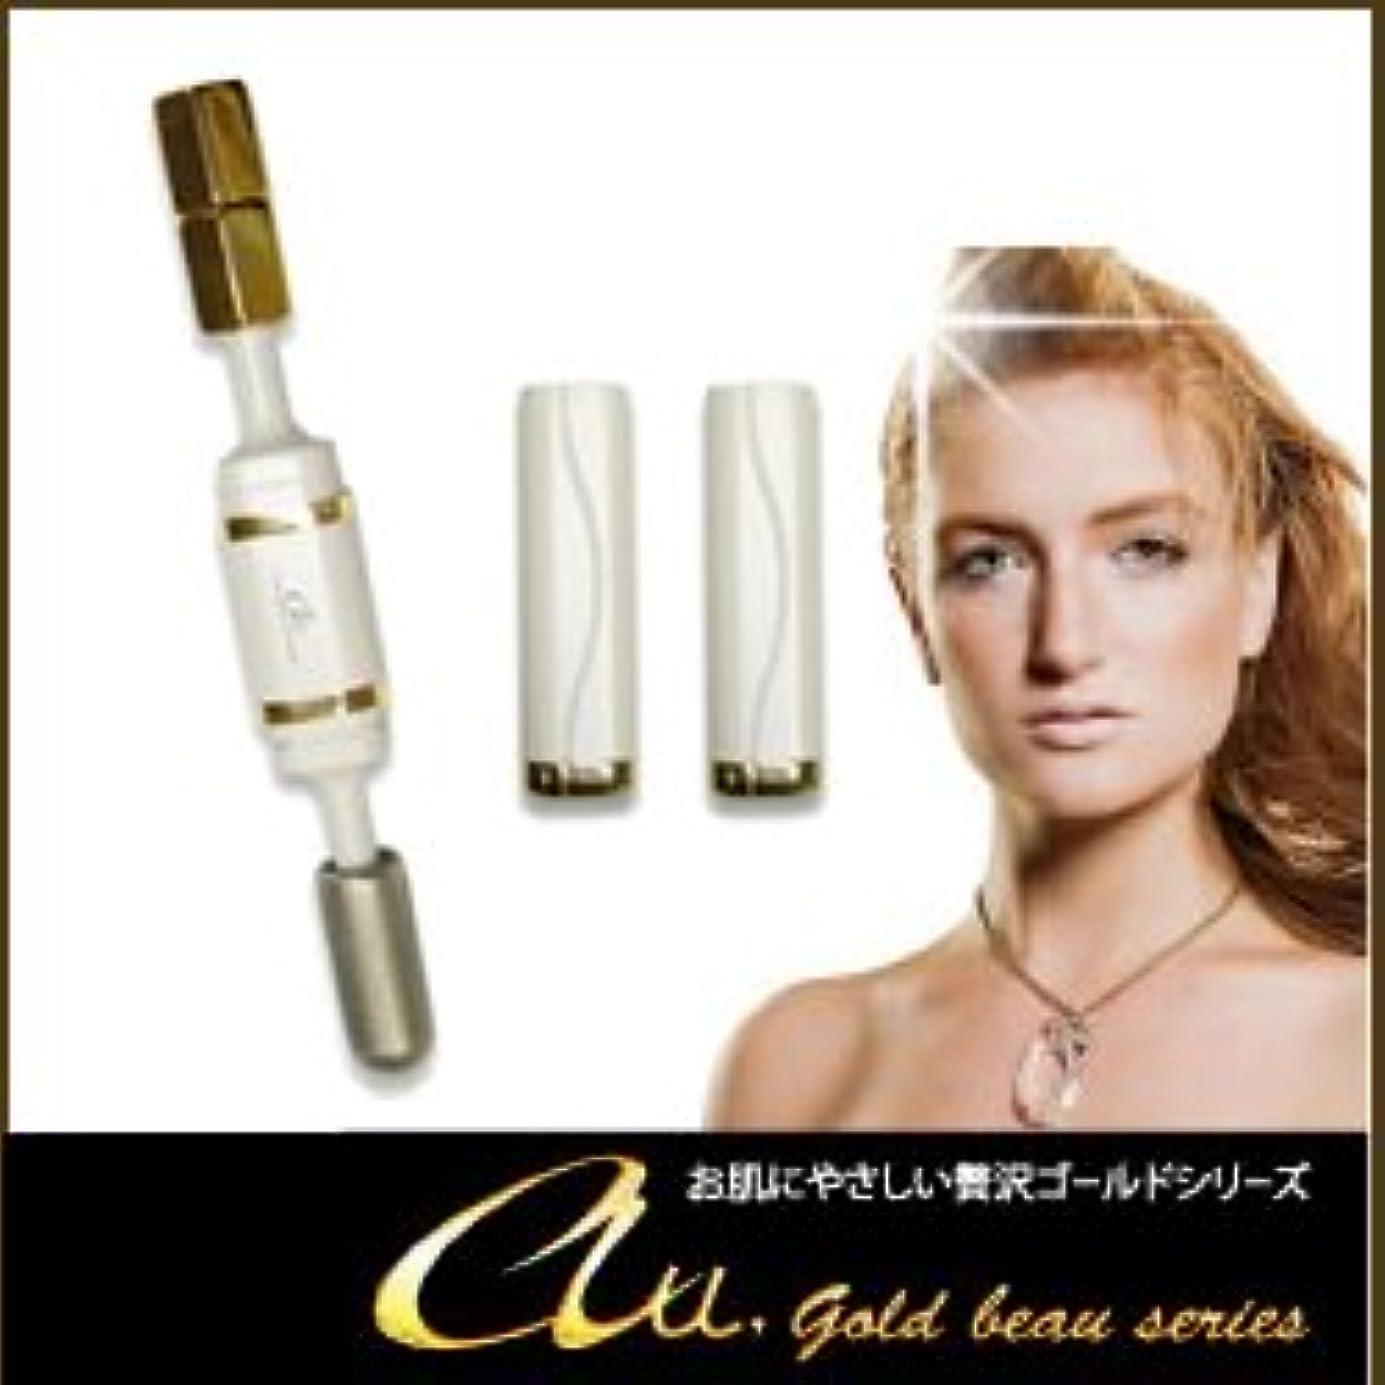 脈拍節約宇宙の【GOLDBEAUROLLER】 ゴールドビューローラー【20KGOLD使用】コロコロ美容ローラー